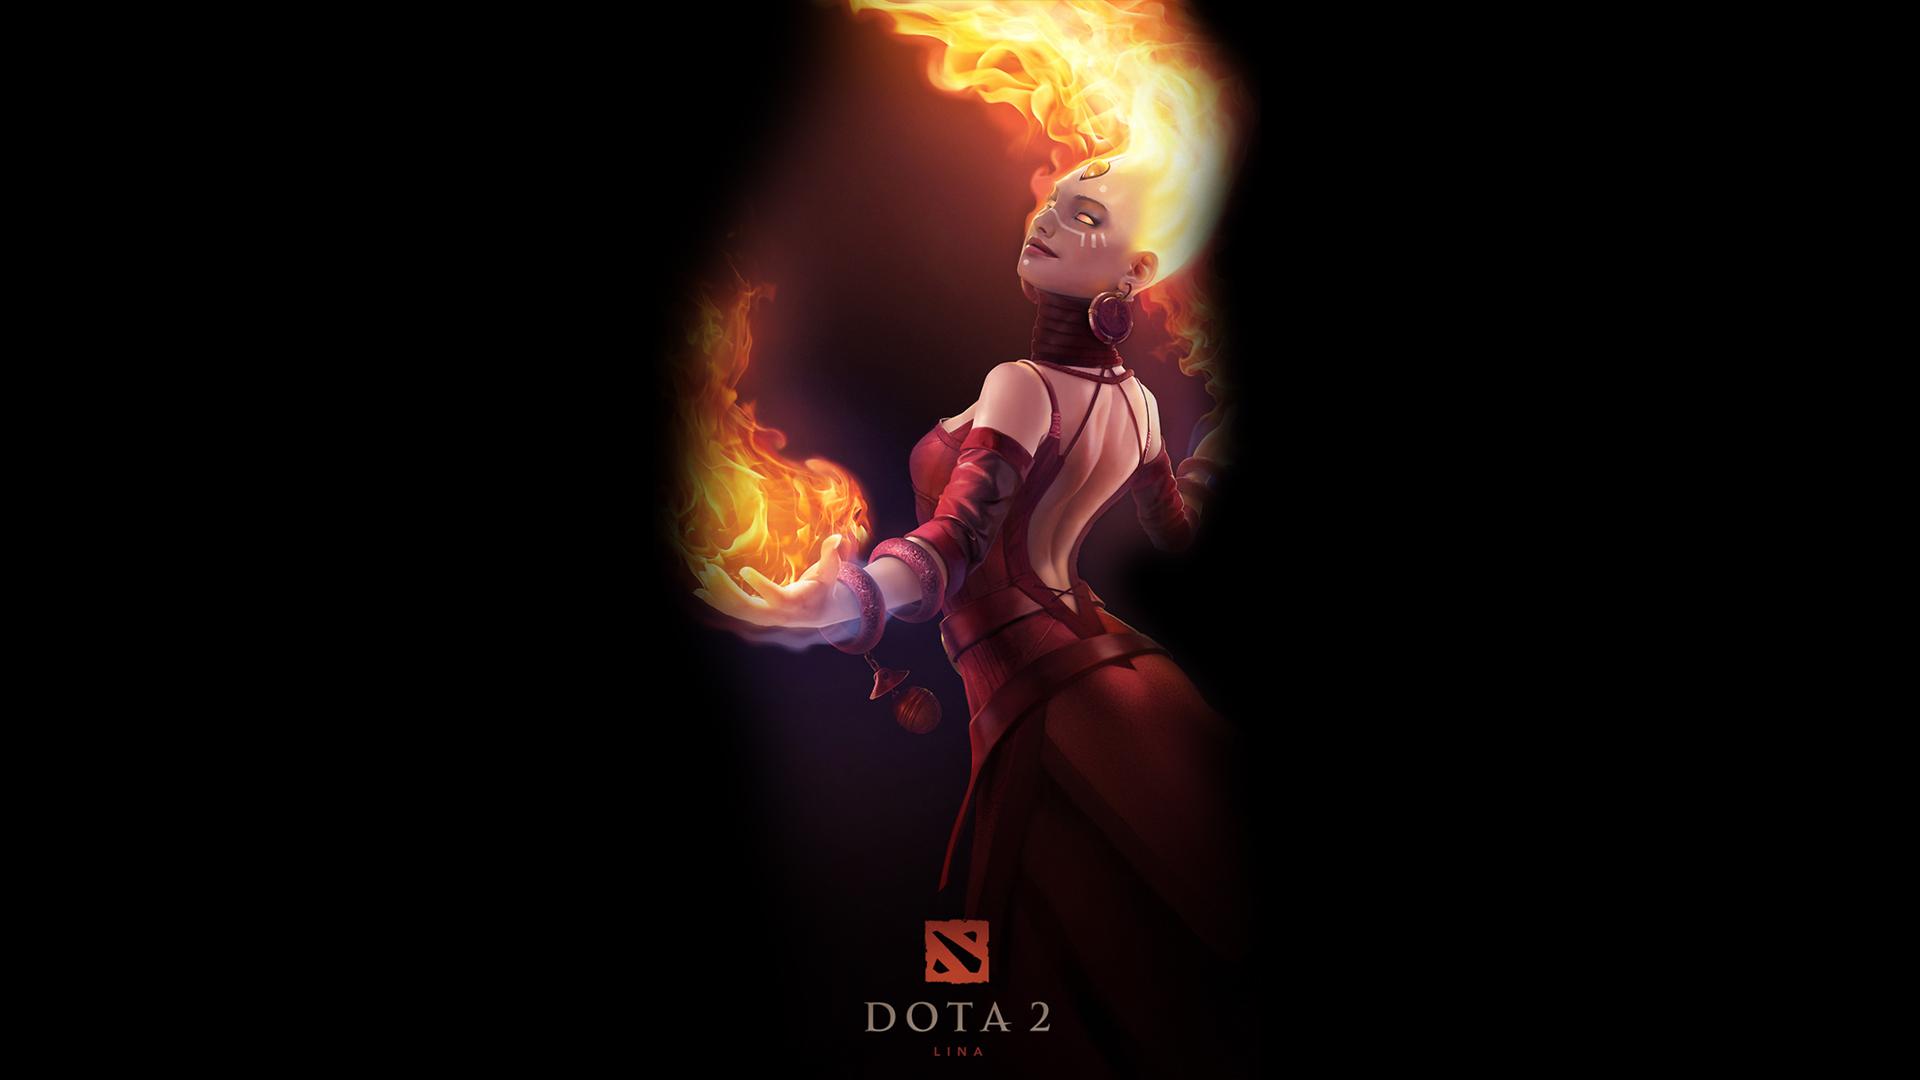 dota2 wallpaper hd